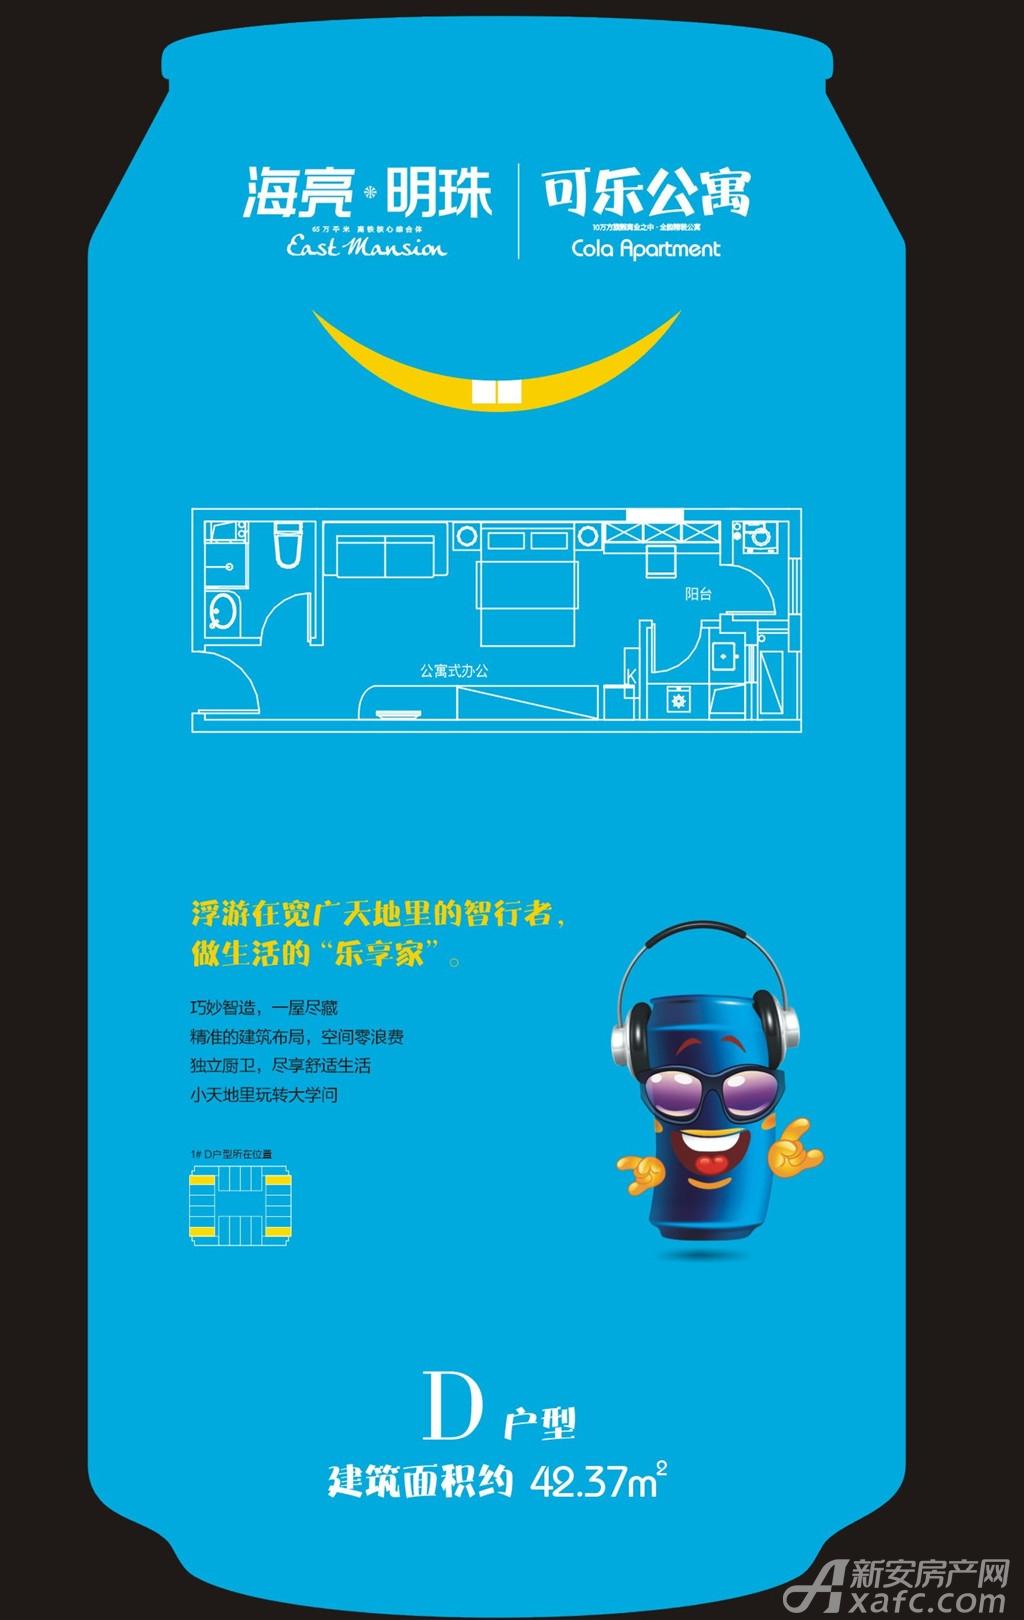 海亮明珠D(公寓)户型1室1厅42.37平米